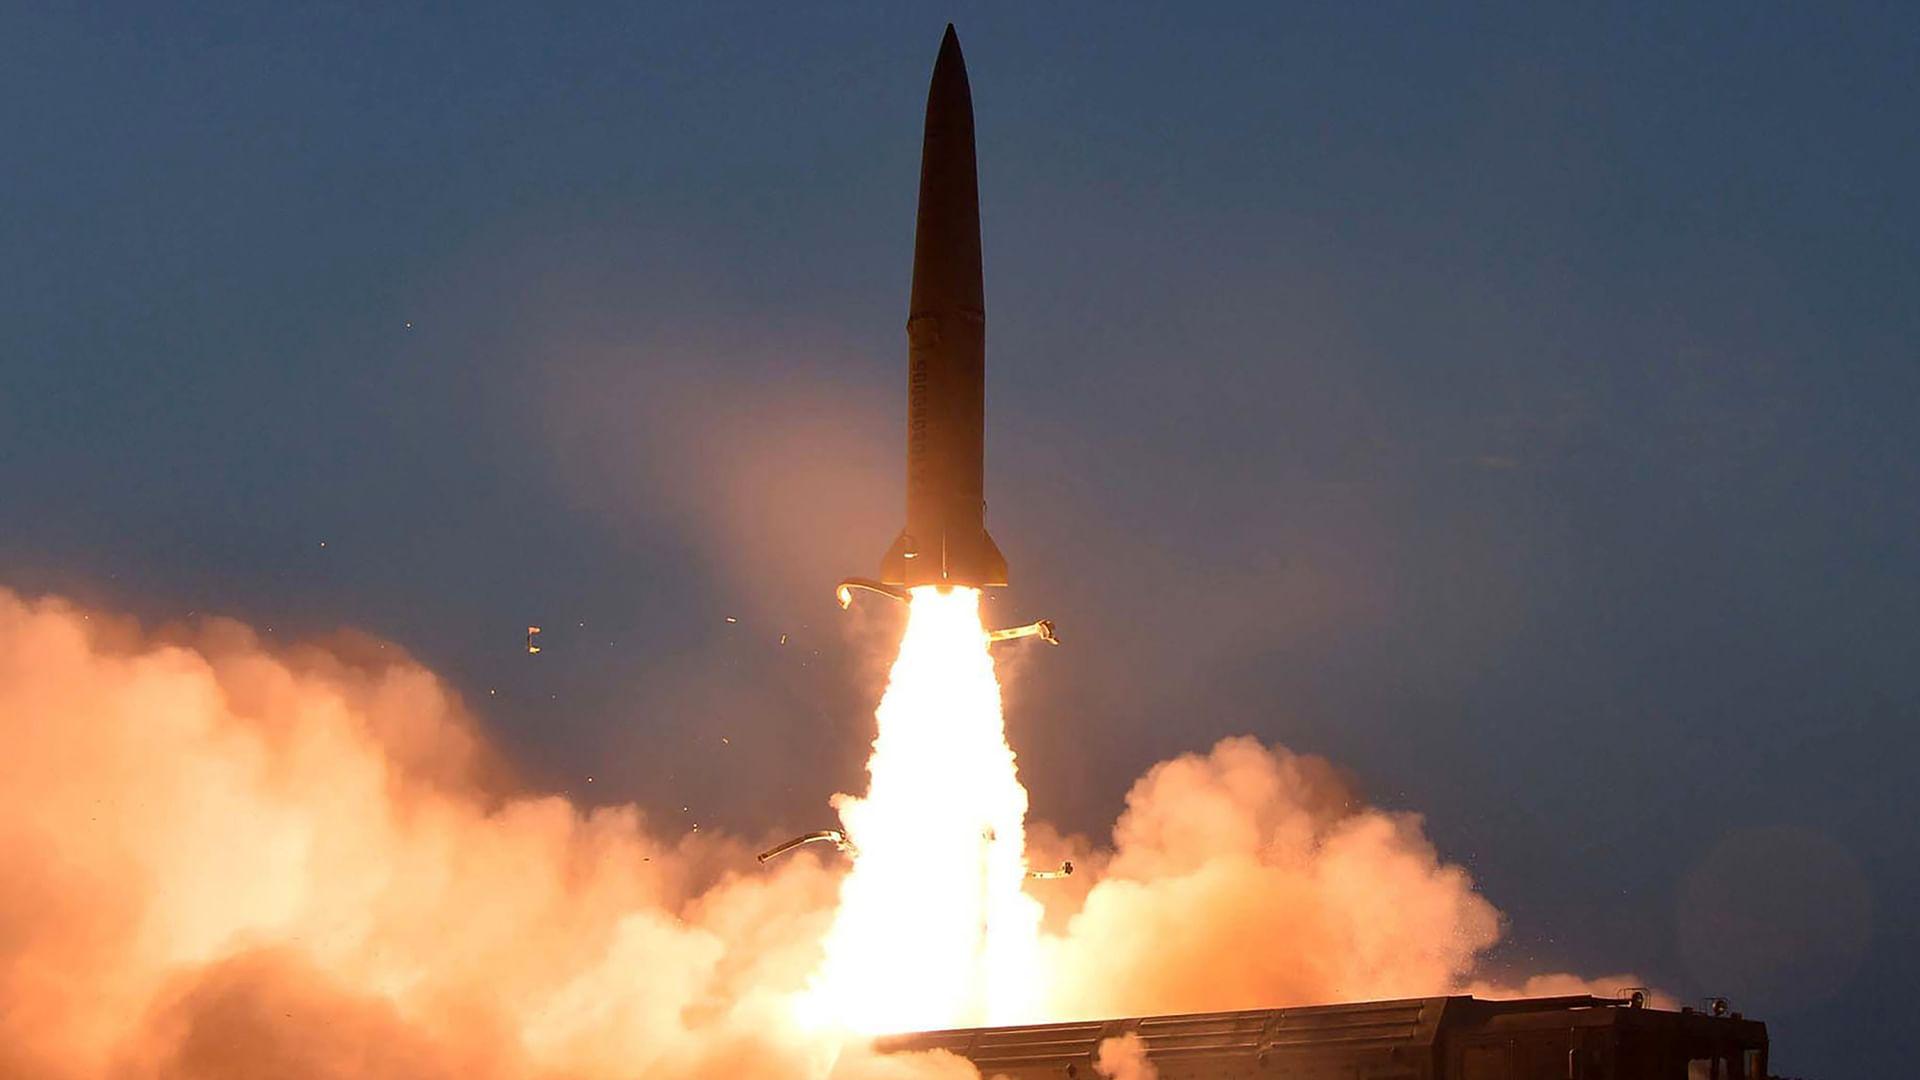 Nordkorea und die USA: Neue Spannungen vorprogrammiert?